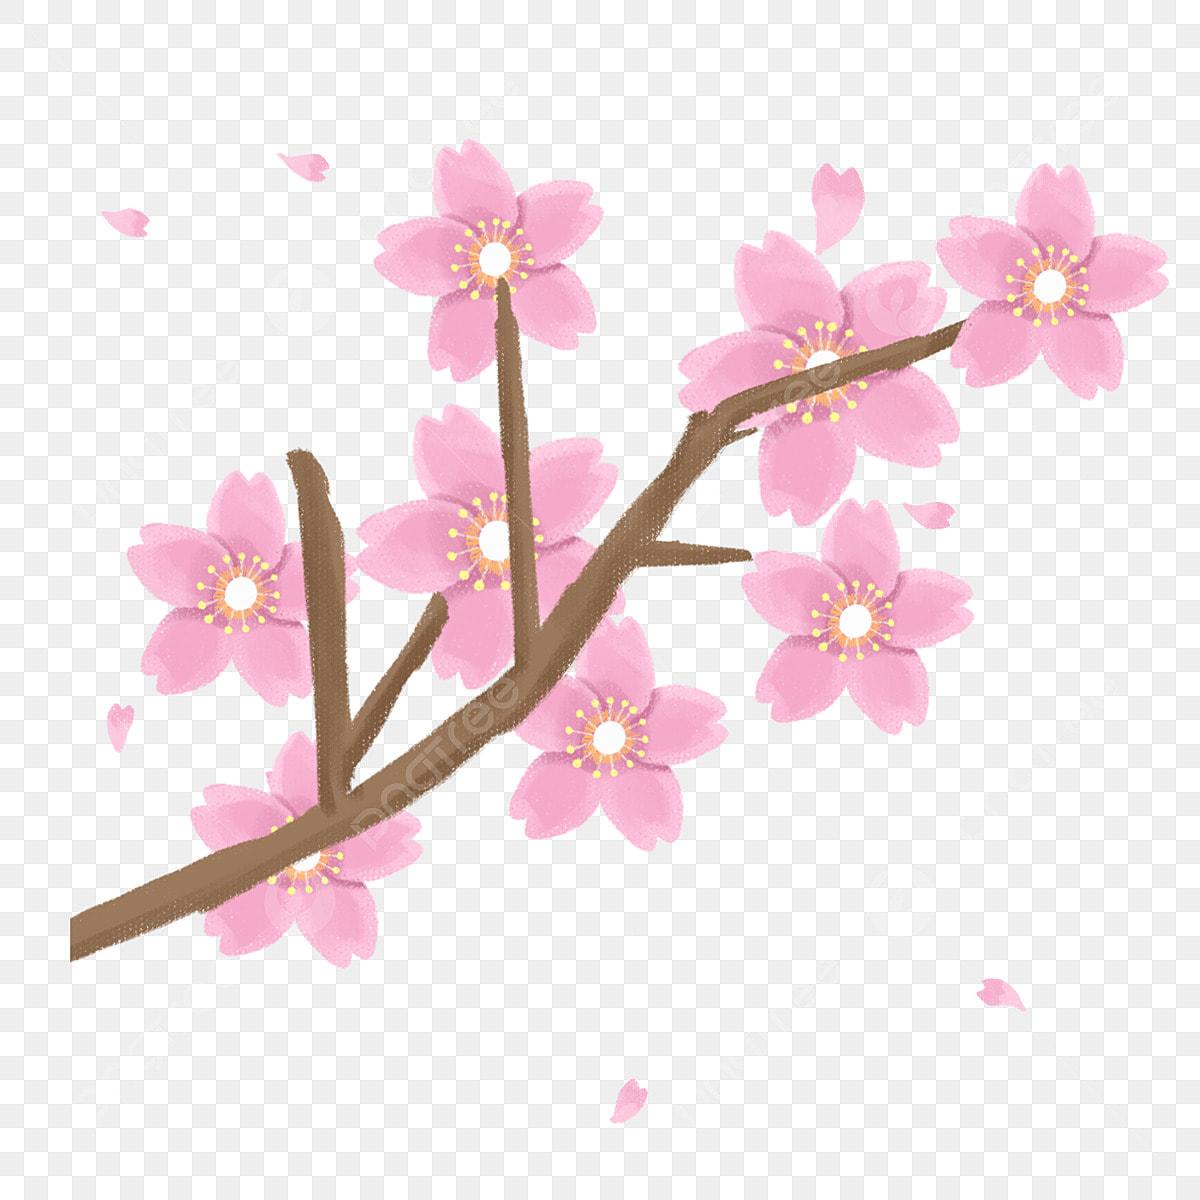 Sakura Fleurs Sur Les Branches Fleurs De Cerisier Dessins Animes Belle Telecharger Ppt Branches Fichier Png Et Psd Pour Le Telechargement Libre